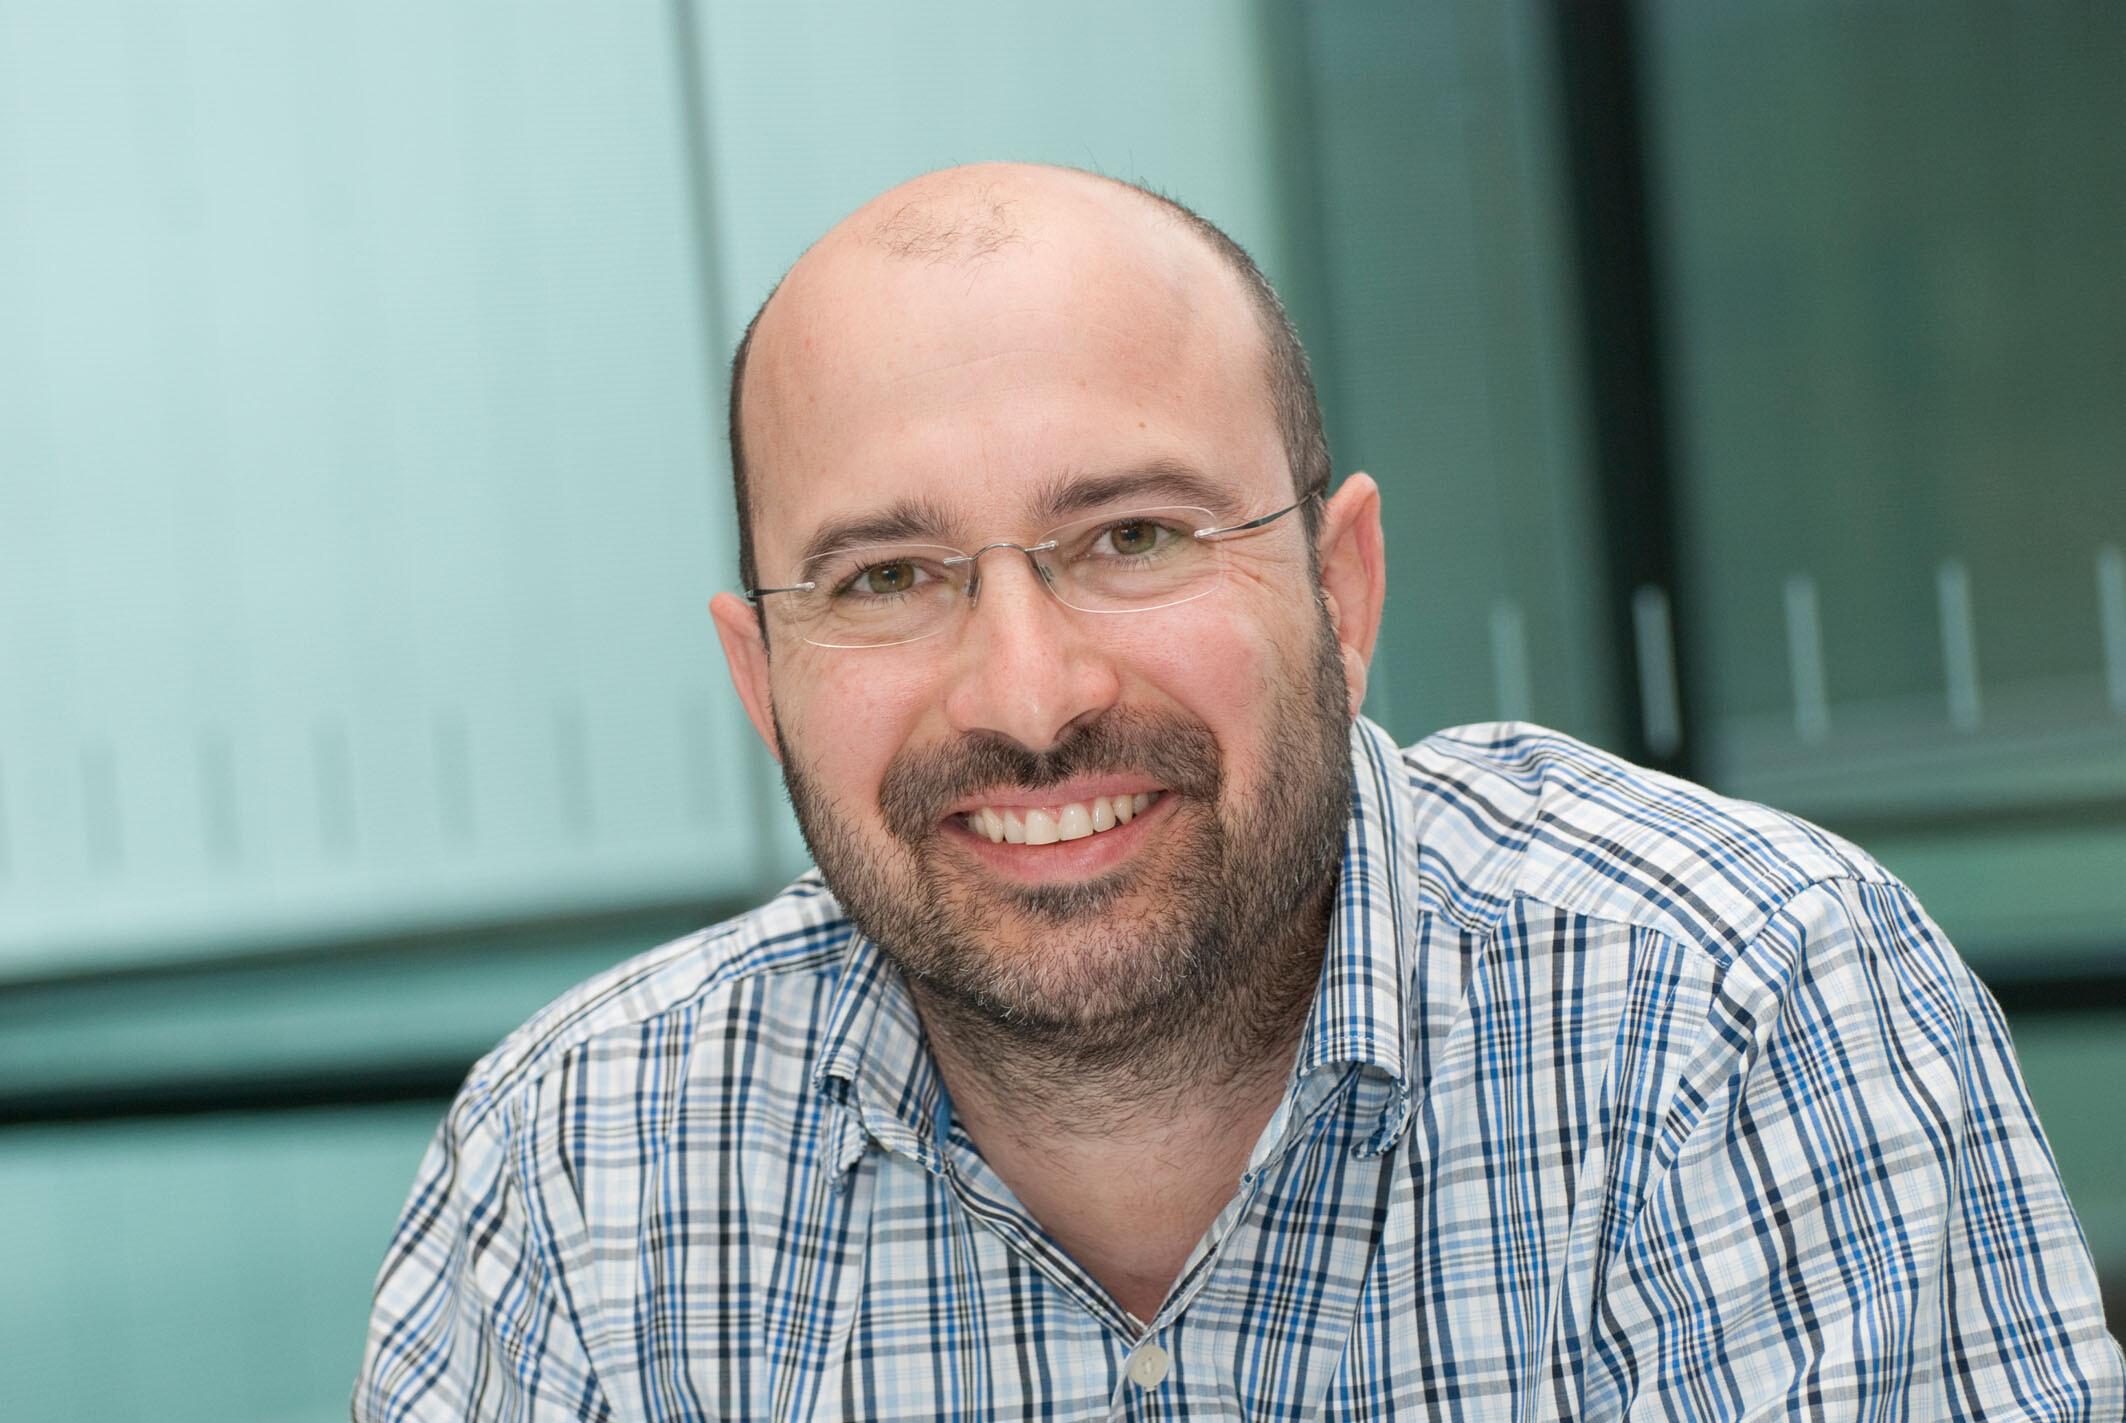 Prof. Jan Münch vom Ulmer Institut für Molekulare Virologie entwickelte das Molekül CLR01 gegen HIV mit. © Eberhardt / Uni Ulm